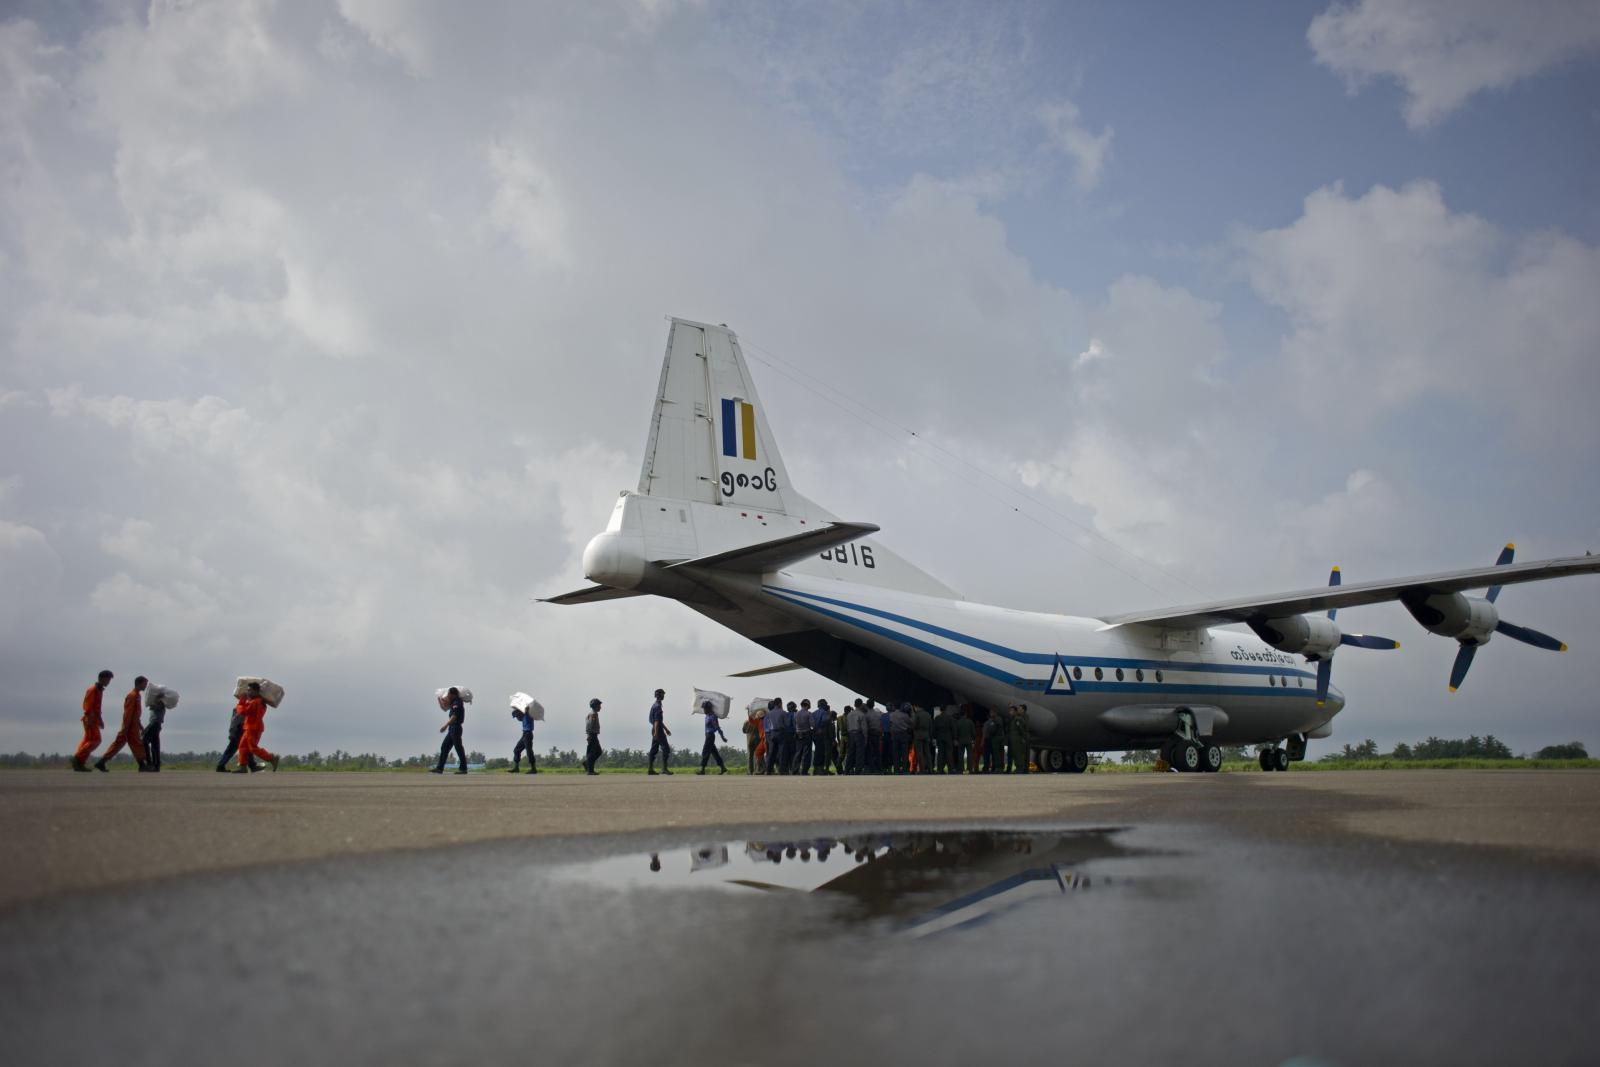 พบแล้วเครื่องบินทหารเมียนมาร์ตกในทะเลอันดามัน